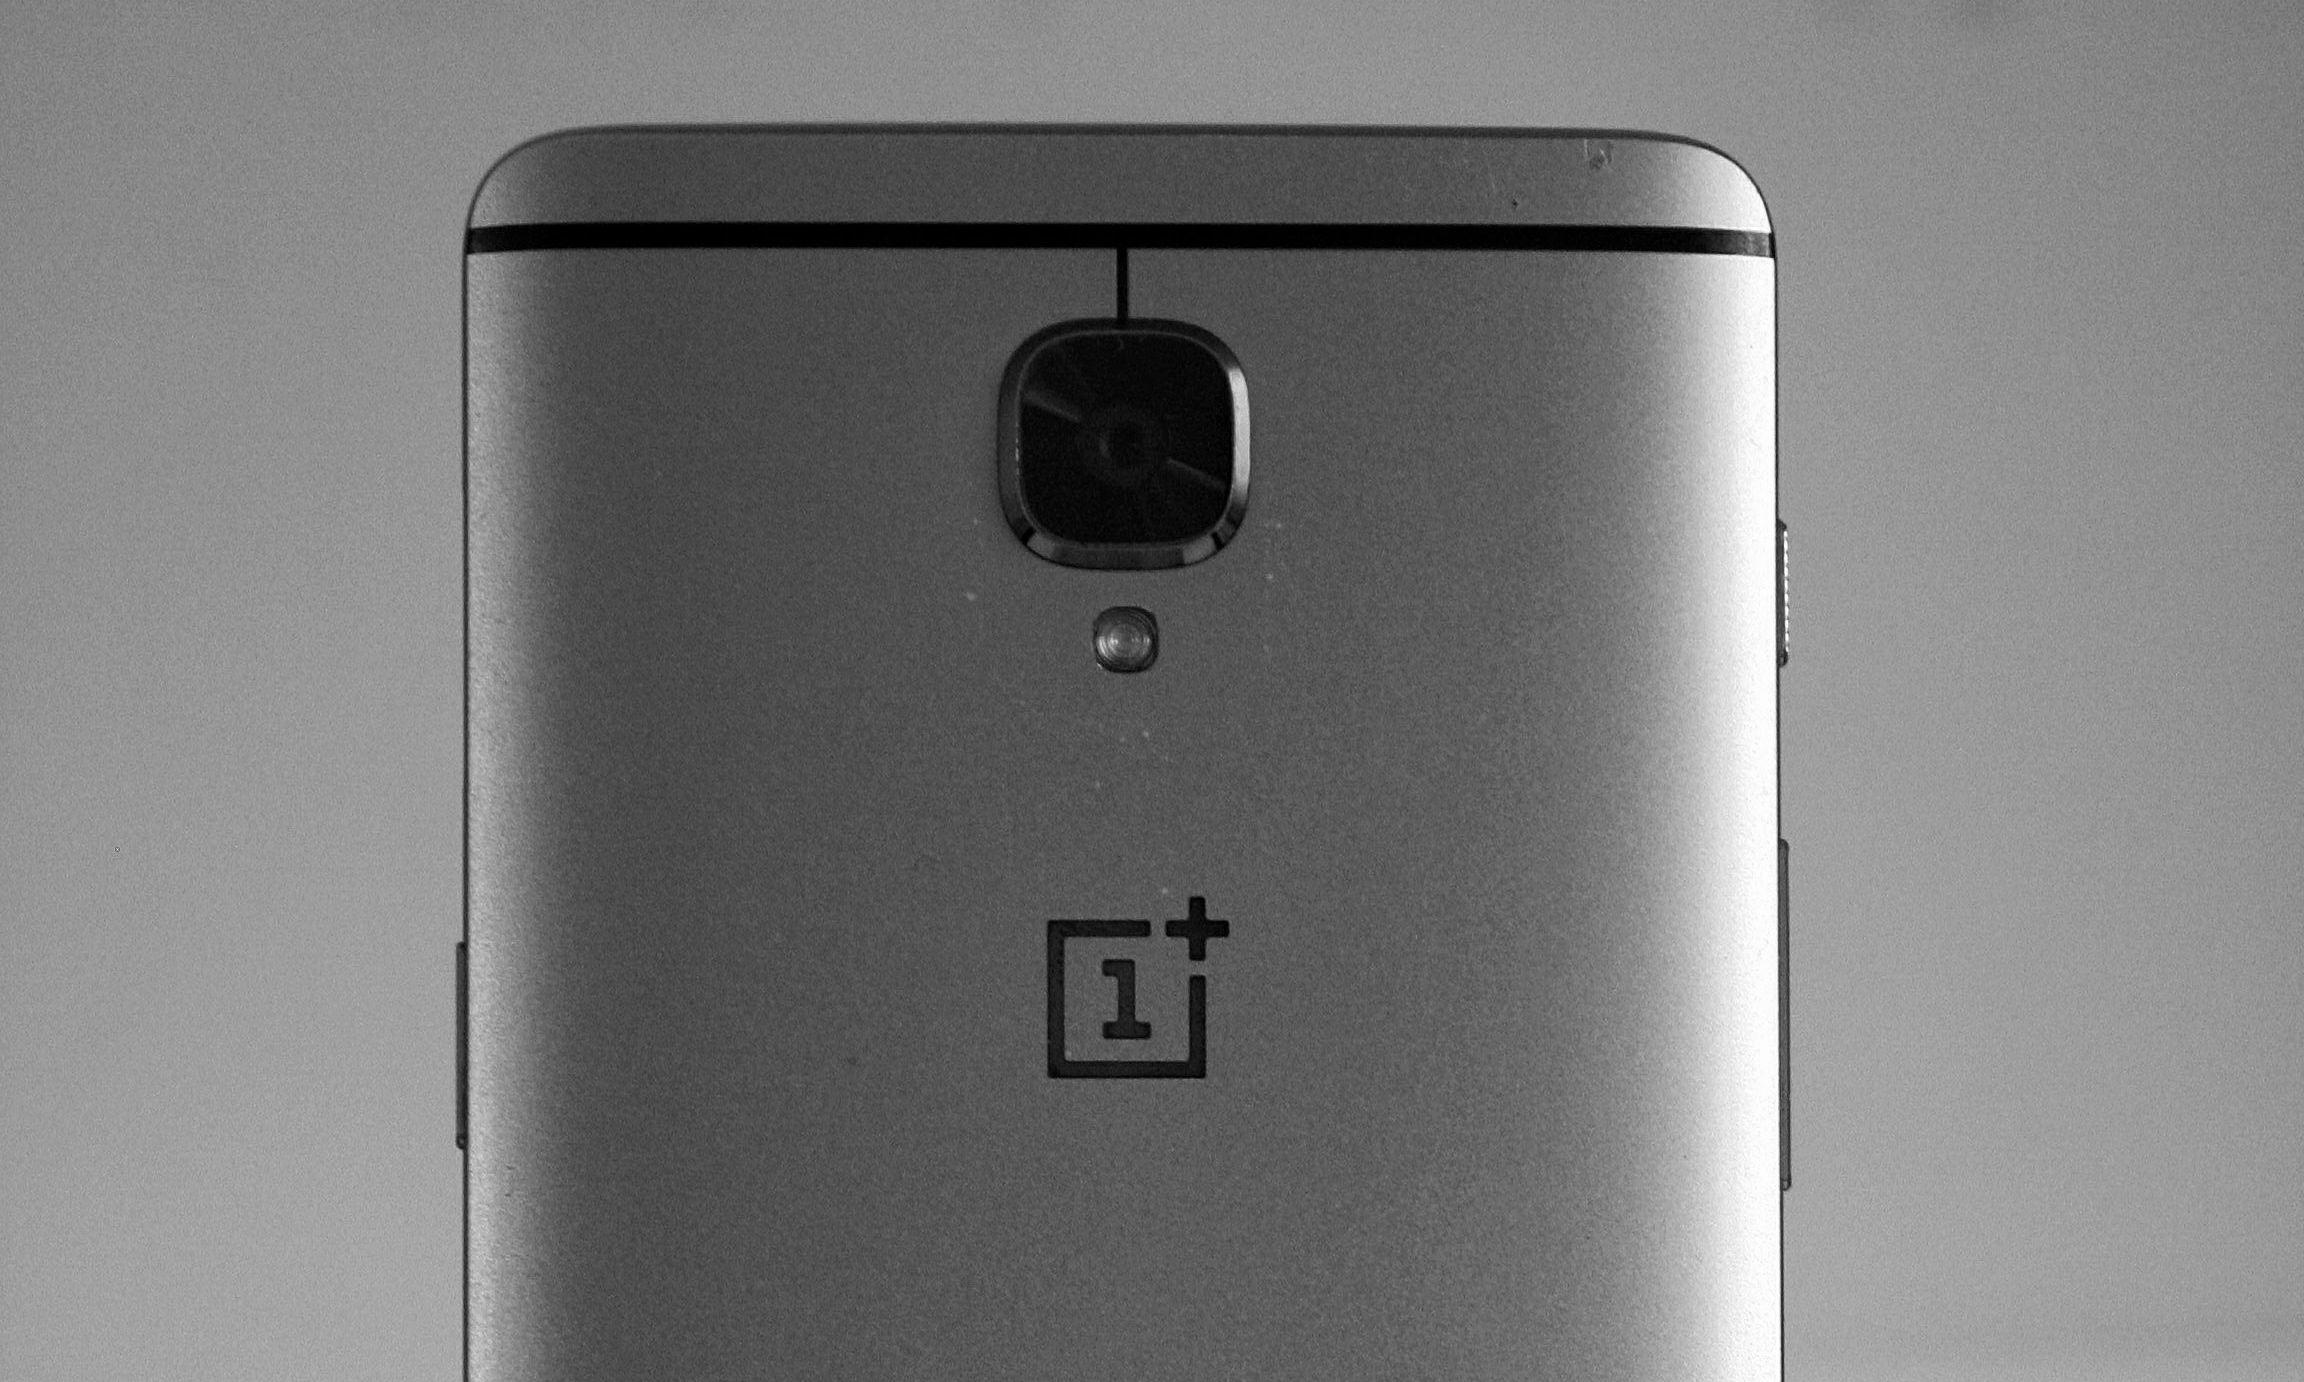 OnePlus 3 - recenzja po siedmiu miesiącach użytkowania. Zdecydowanie kupiłbym go ponownie